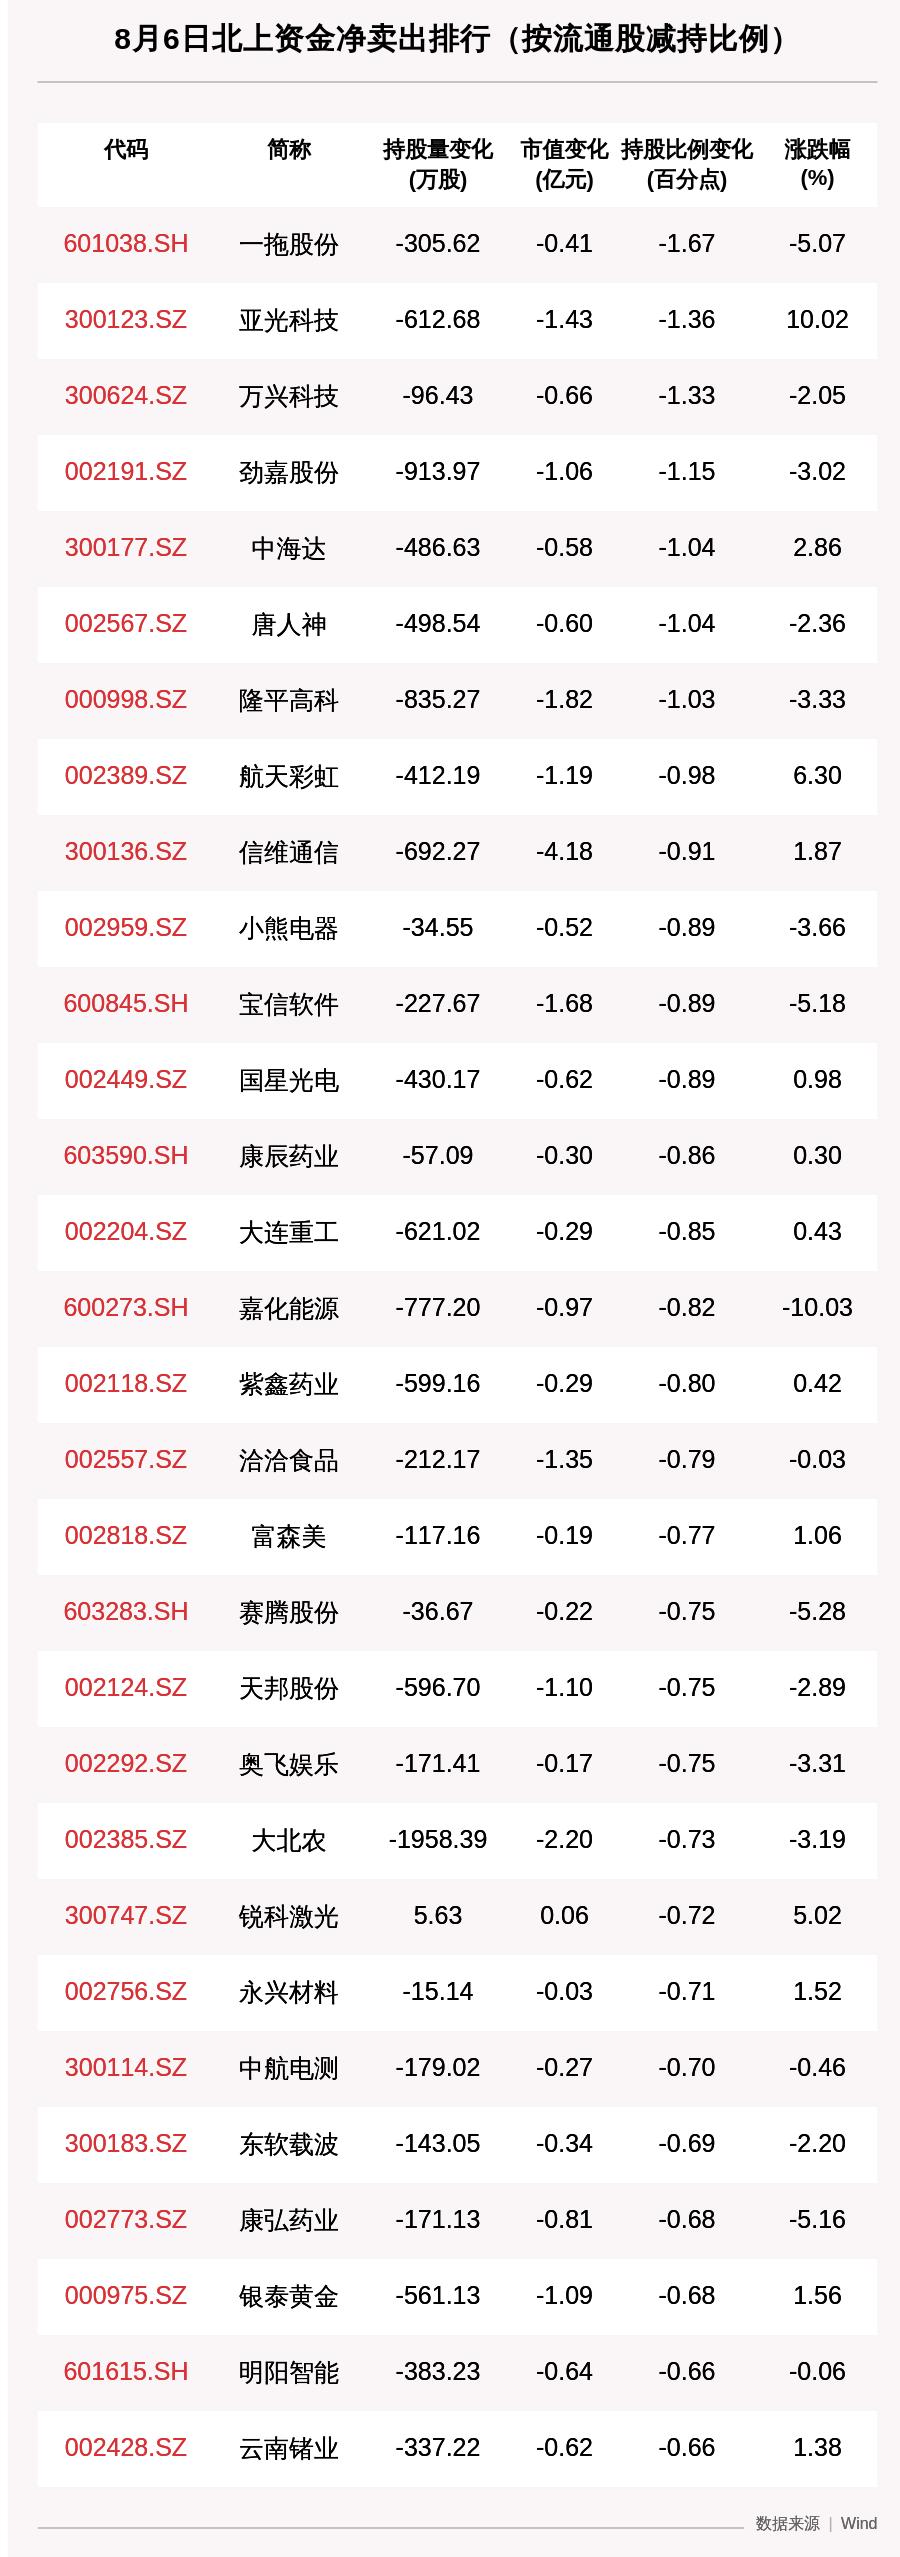 北向资金动向曝光:抛售中国平安超3亿元,这30只个股昨遭大甩卖(附名单)